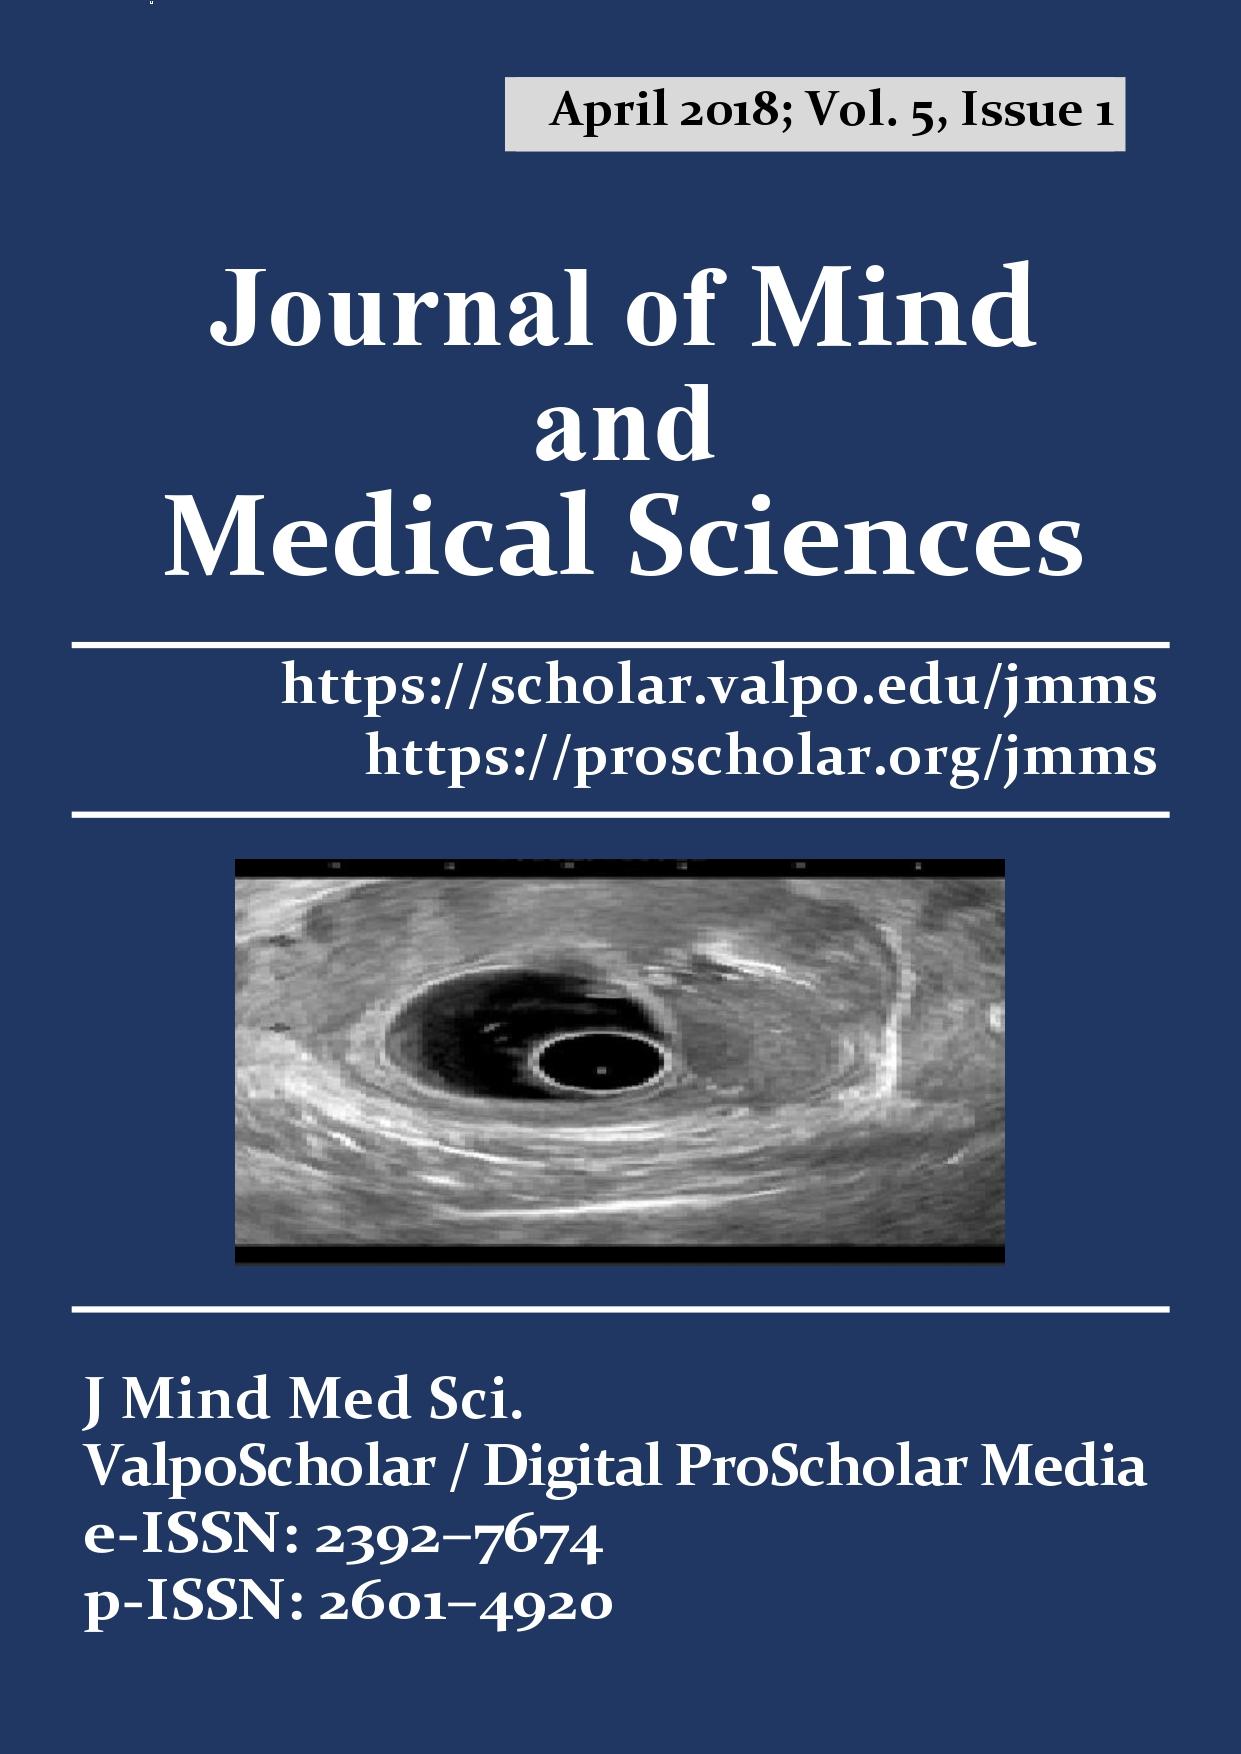 J Mind Med Sci.